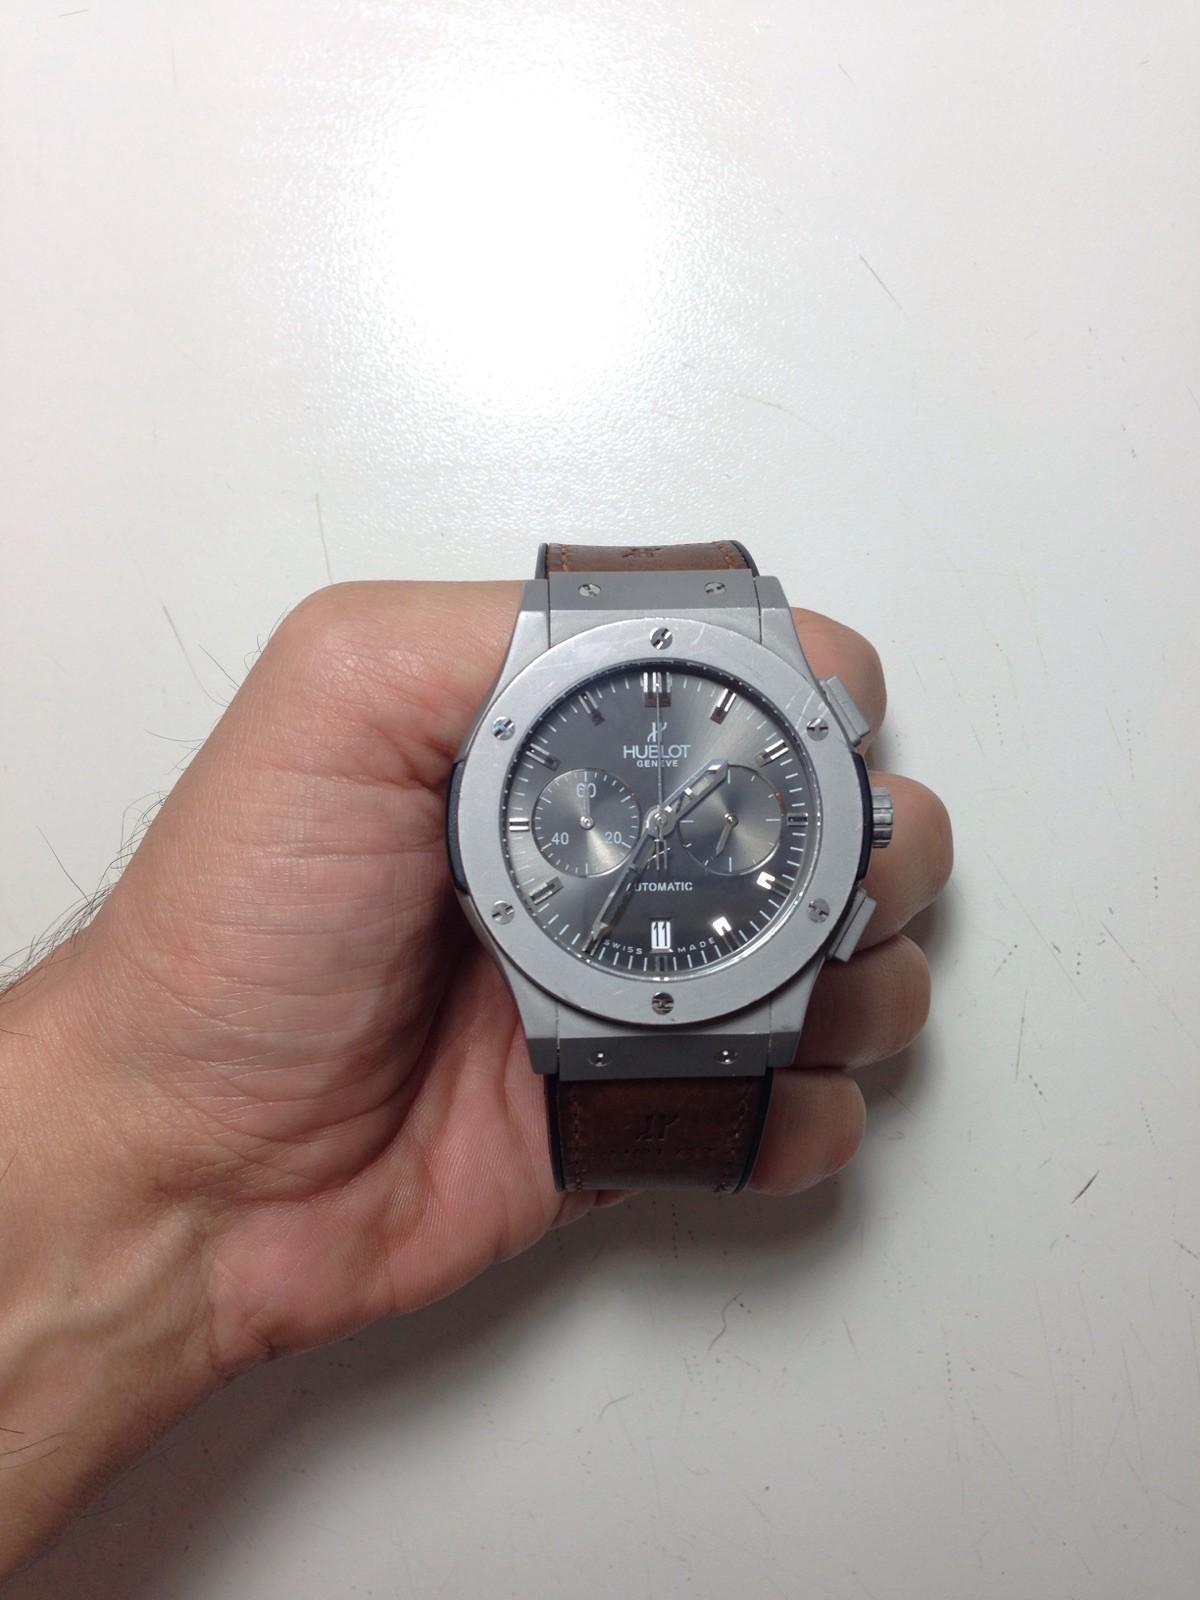 1d0367115370 Hublot big bang 582888 (Pre-owned watch) es626